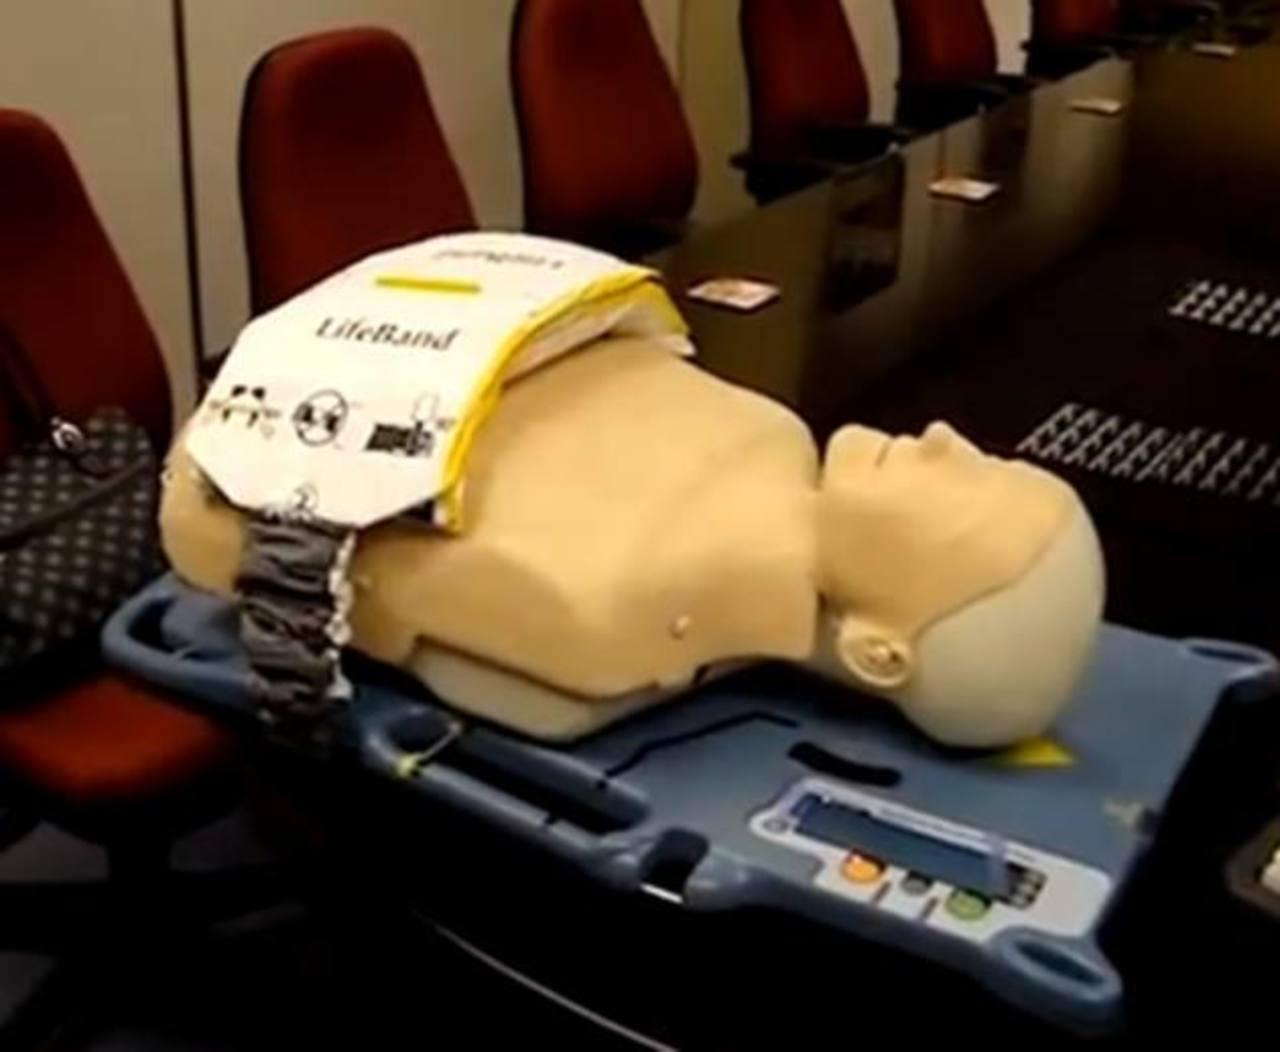 Resucitan a un australiano que llevaba casi una hora muerto